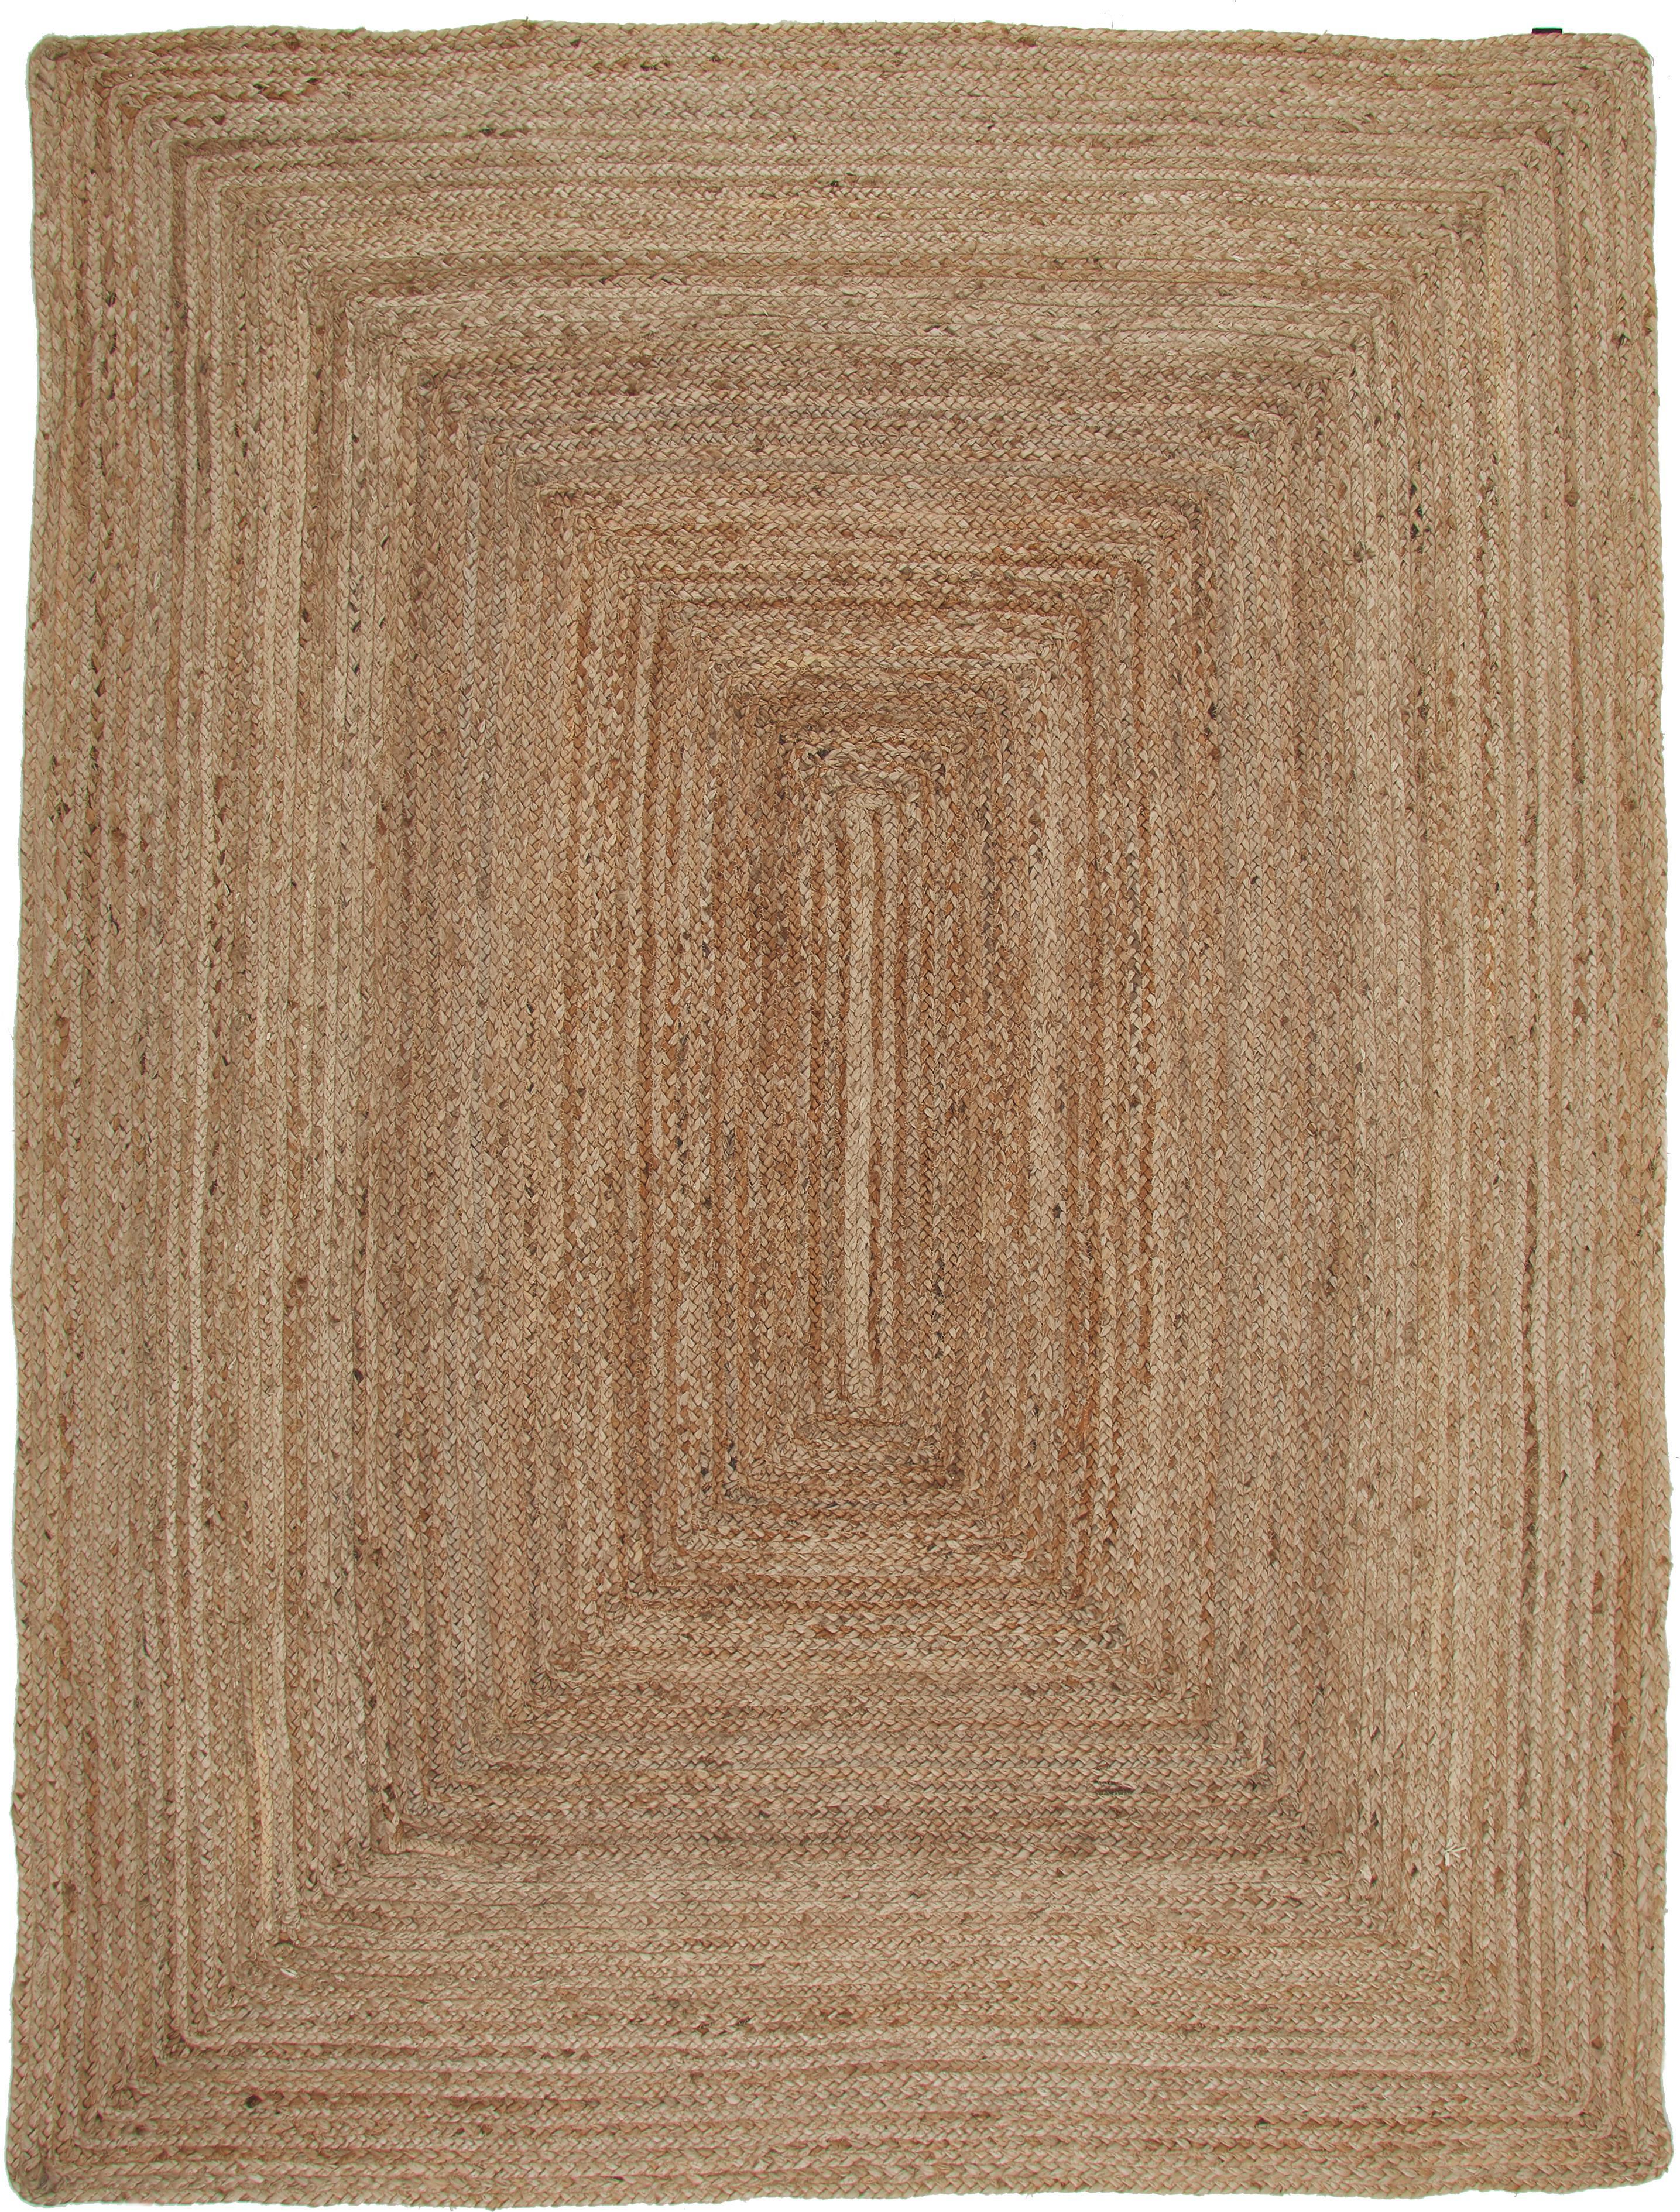 Tappeto in juta Ural, Juta, Juta, Larg. 150 x Lung. 200 cm (taglia S)